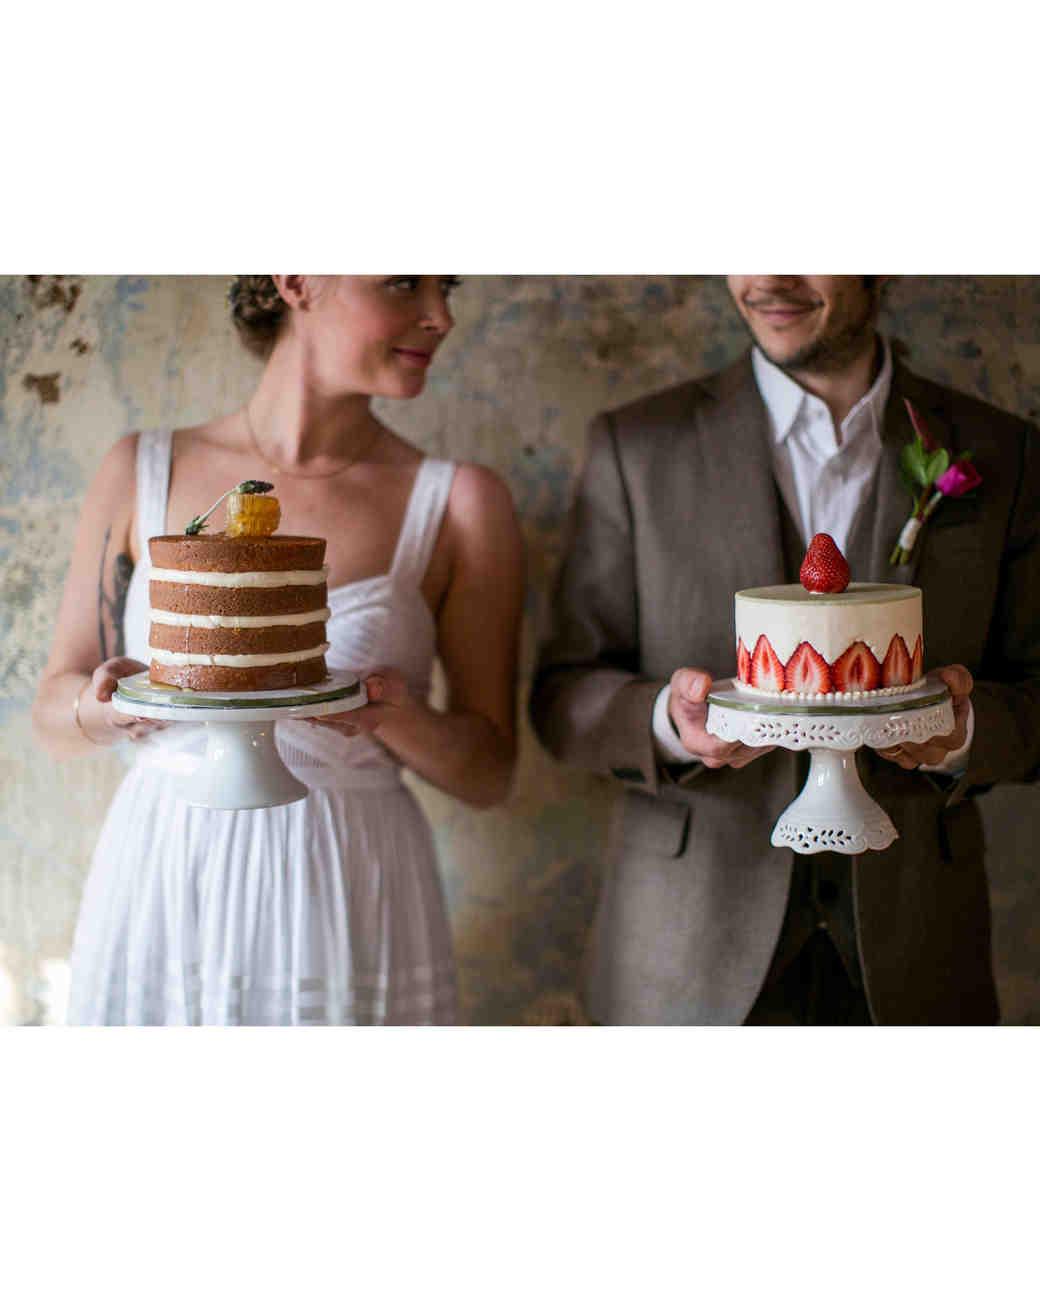 Fullsize Of Wedding Cake Flavors